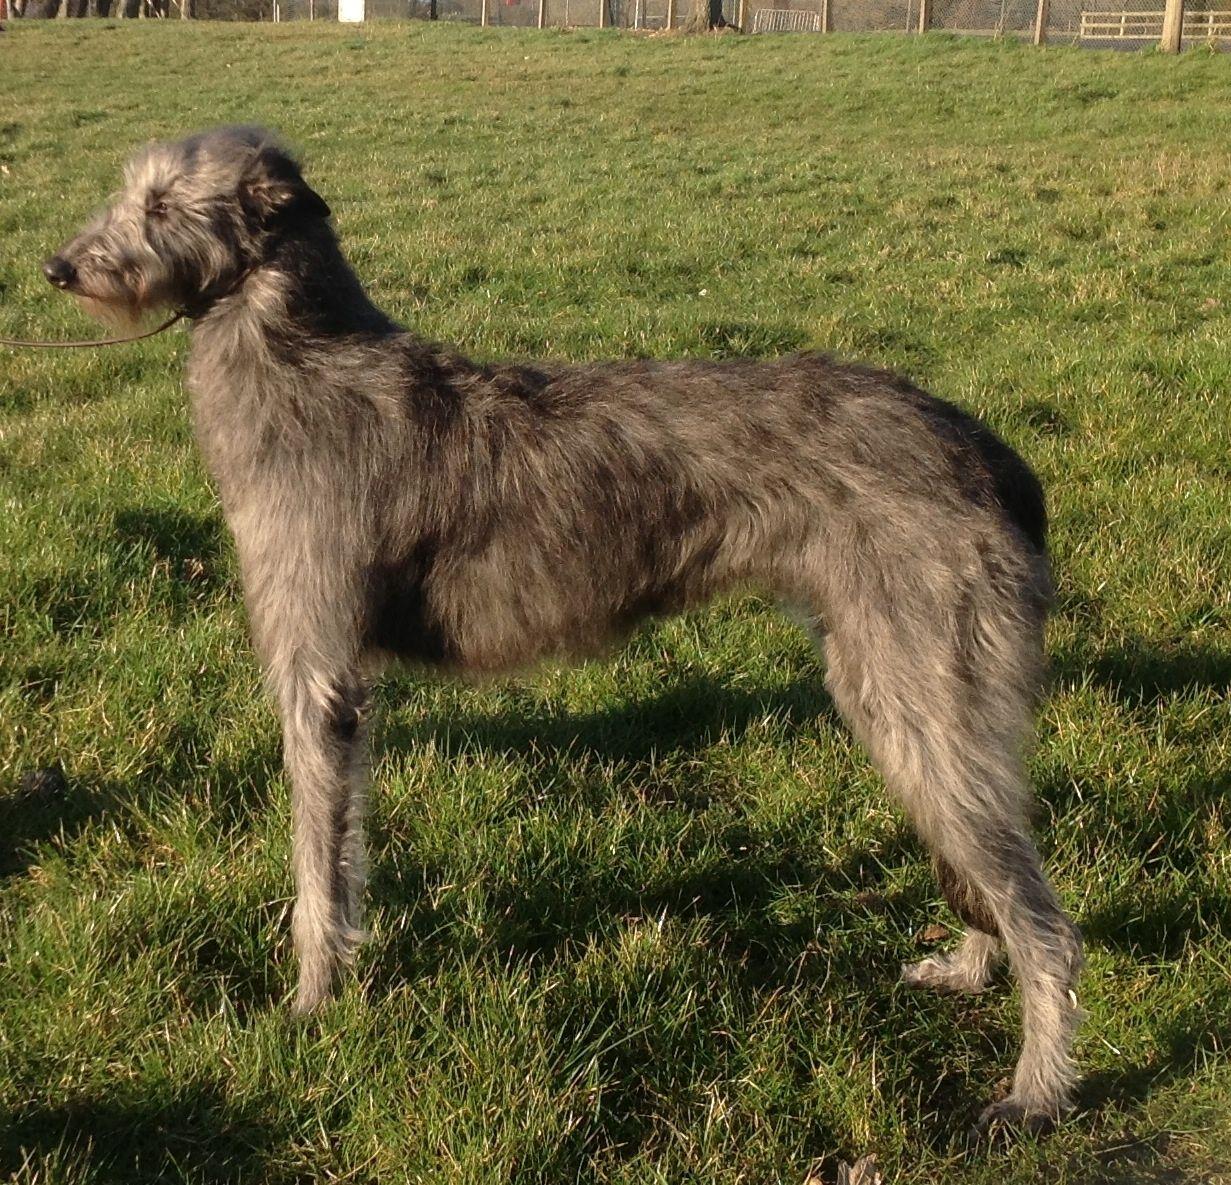 Scottish Deerhound Puppies: Scottish Kc Registered Deerhound Puppies For Sale Machynlleth Breed